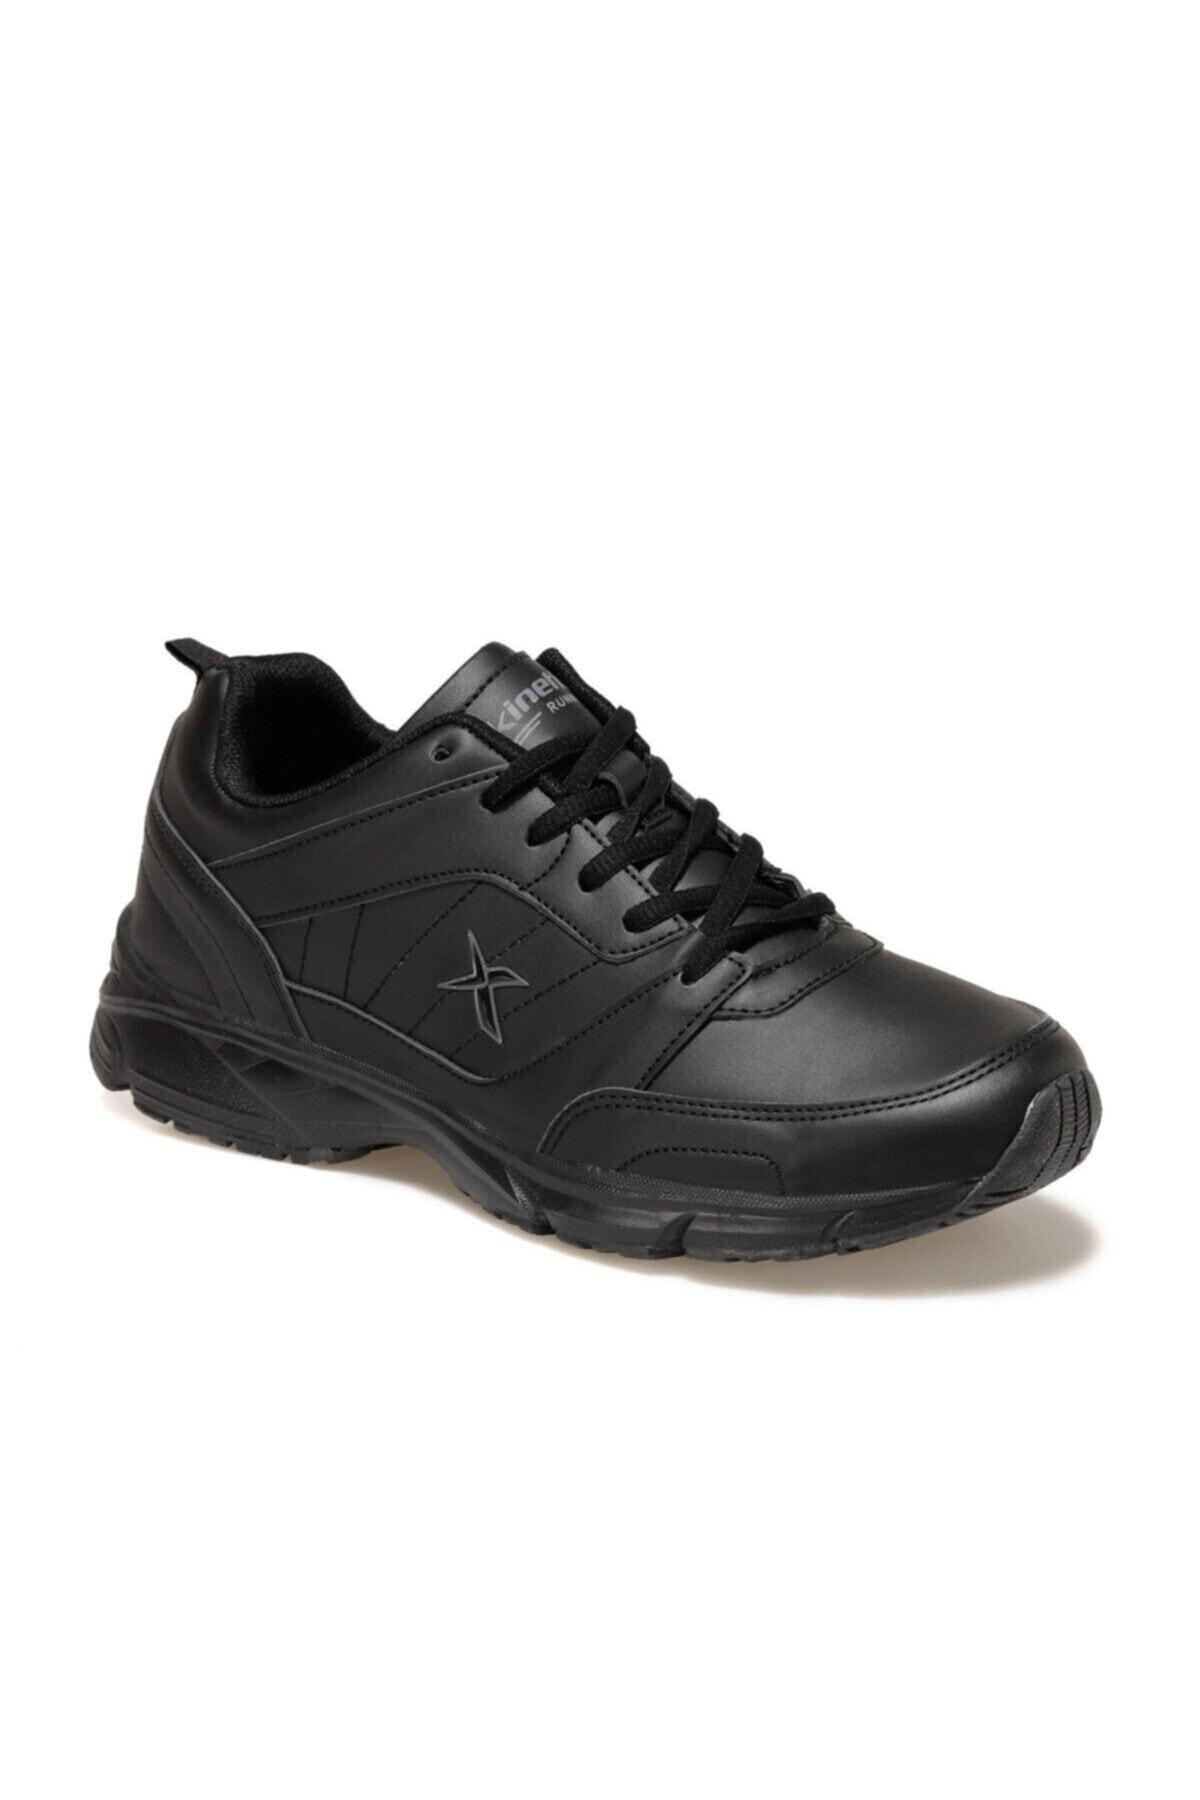 خرید پستی کفش مخصوص دویدن جدید برند کینتیکس kinetix رنگ مشکی کد ty68002484